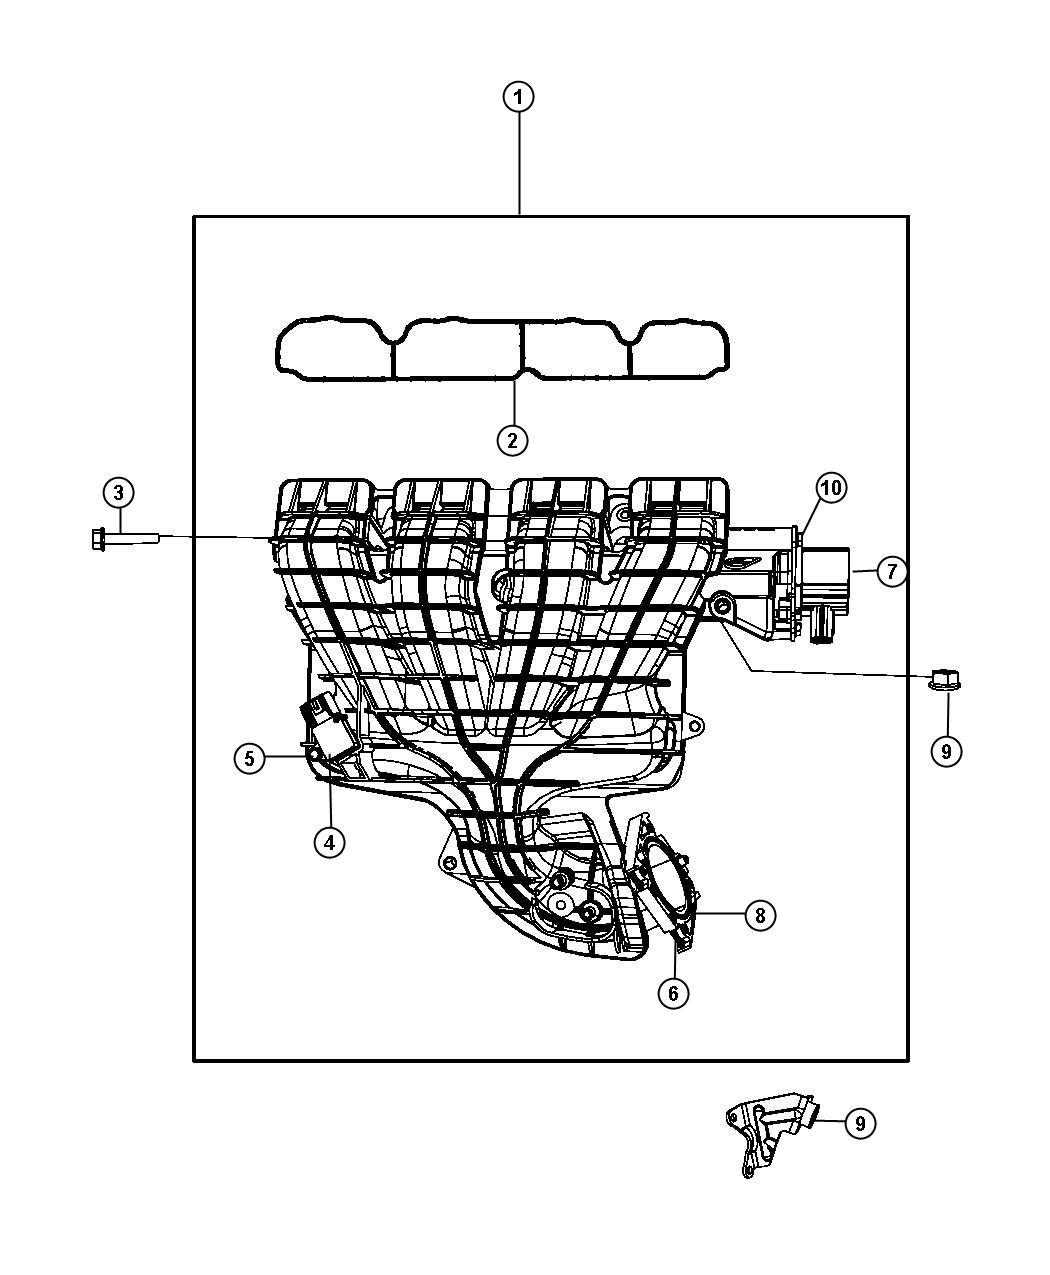 2008 dodge avenger belt diagram 2005 chevy equinox starter wiring 2 4l engine 2011 chrysler 200